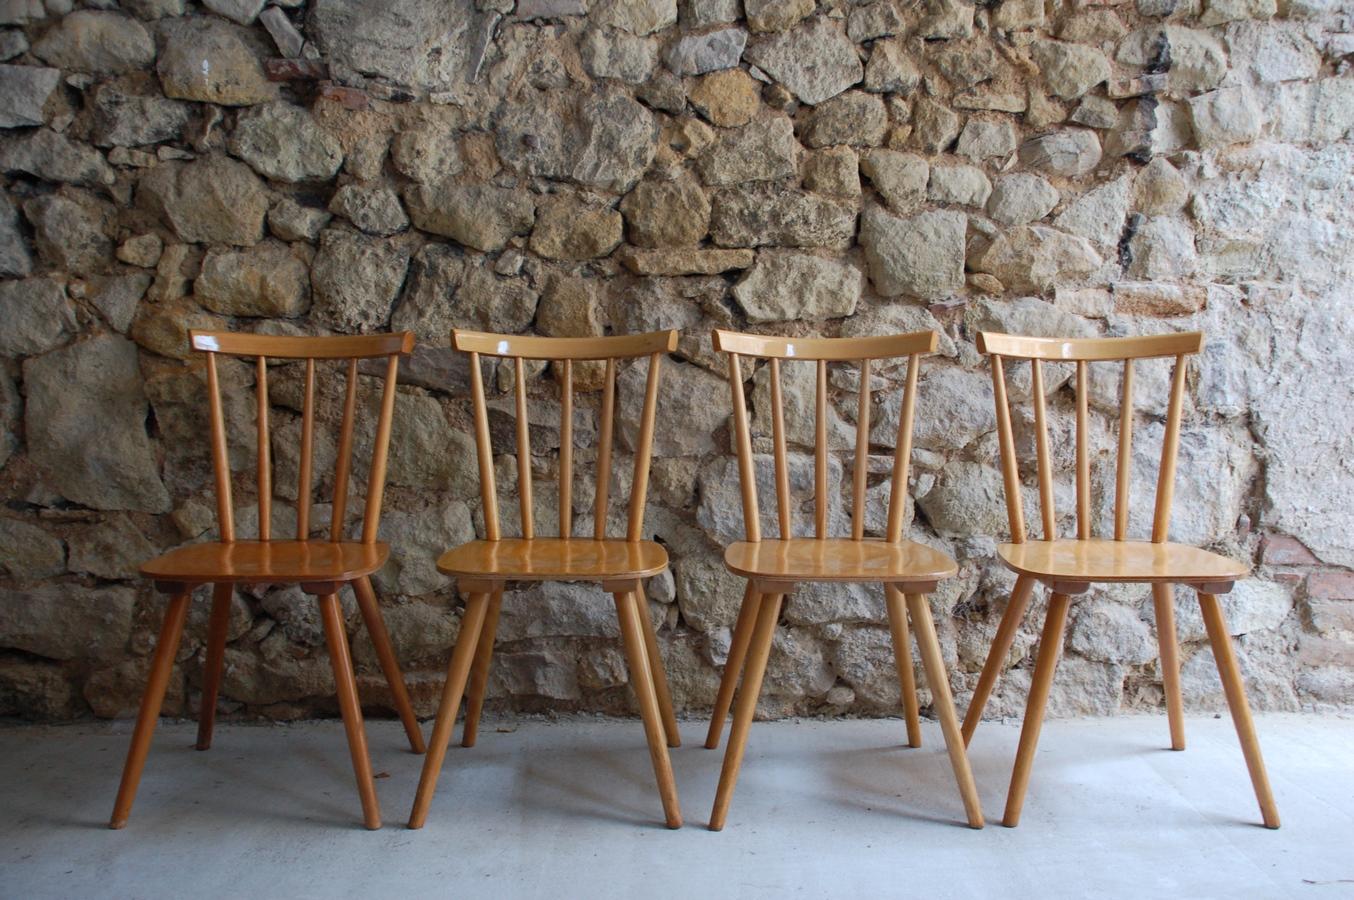 Holz Stühle Vintage Mid Century alt gebraucht vintage Speichenstühle (7) a